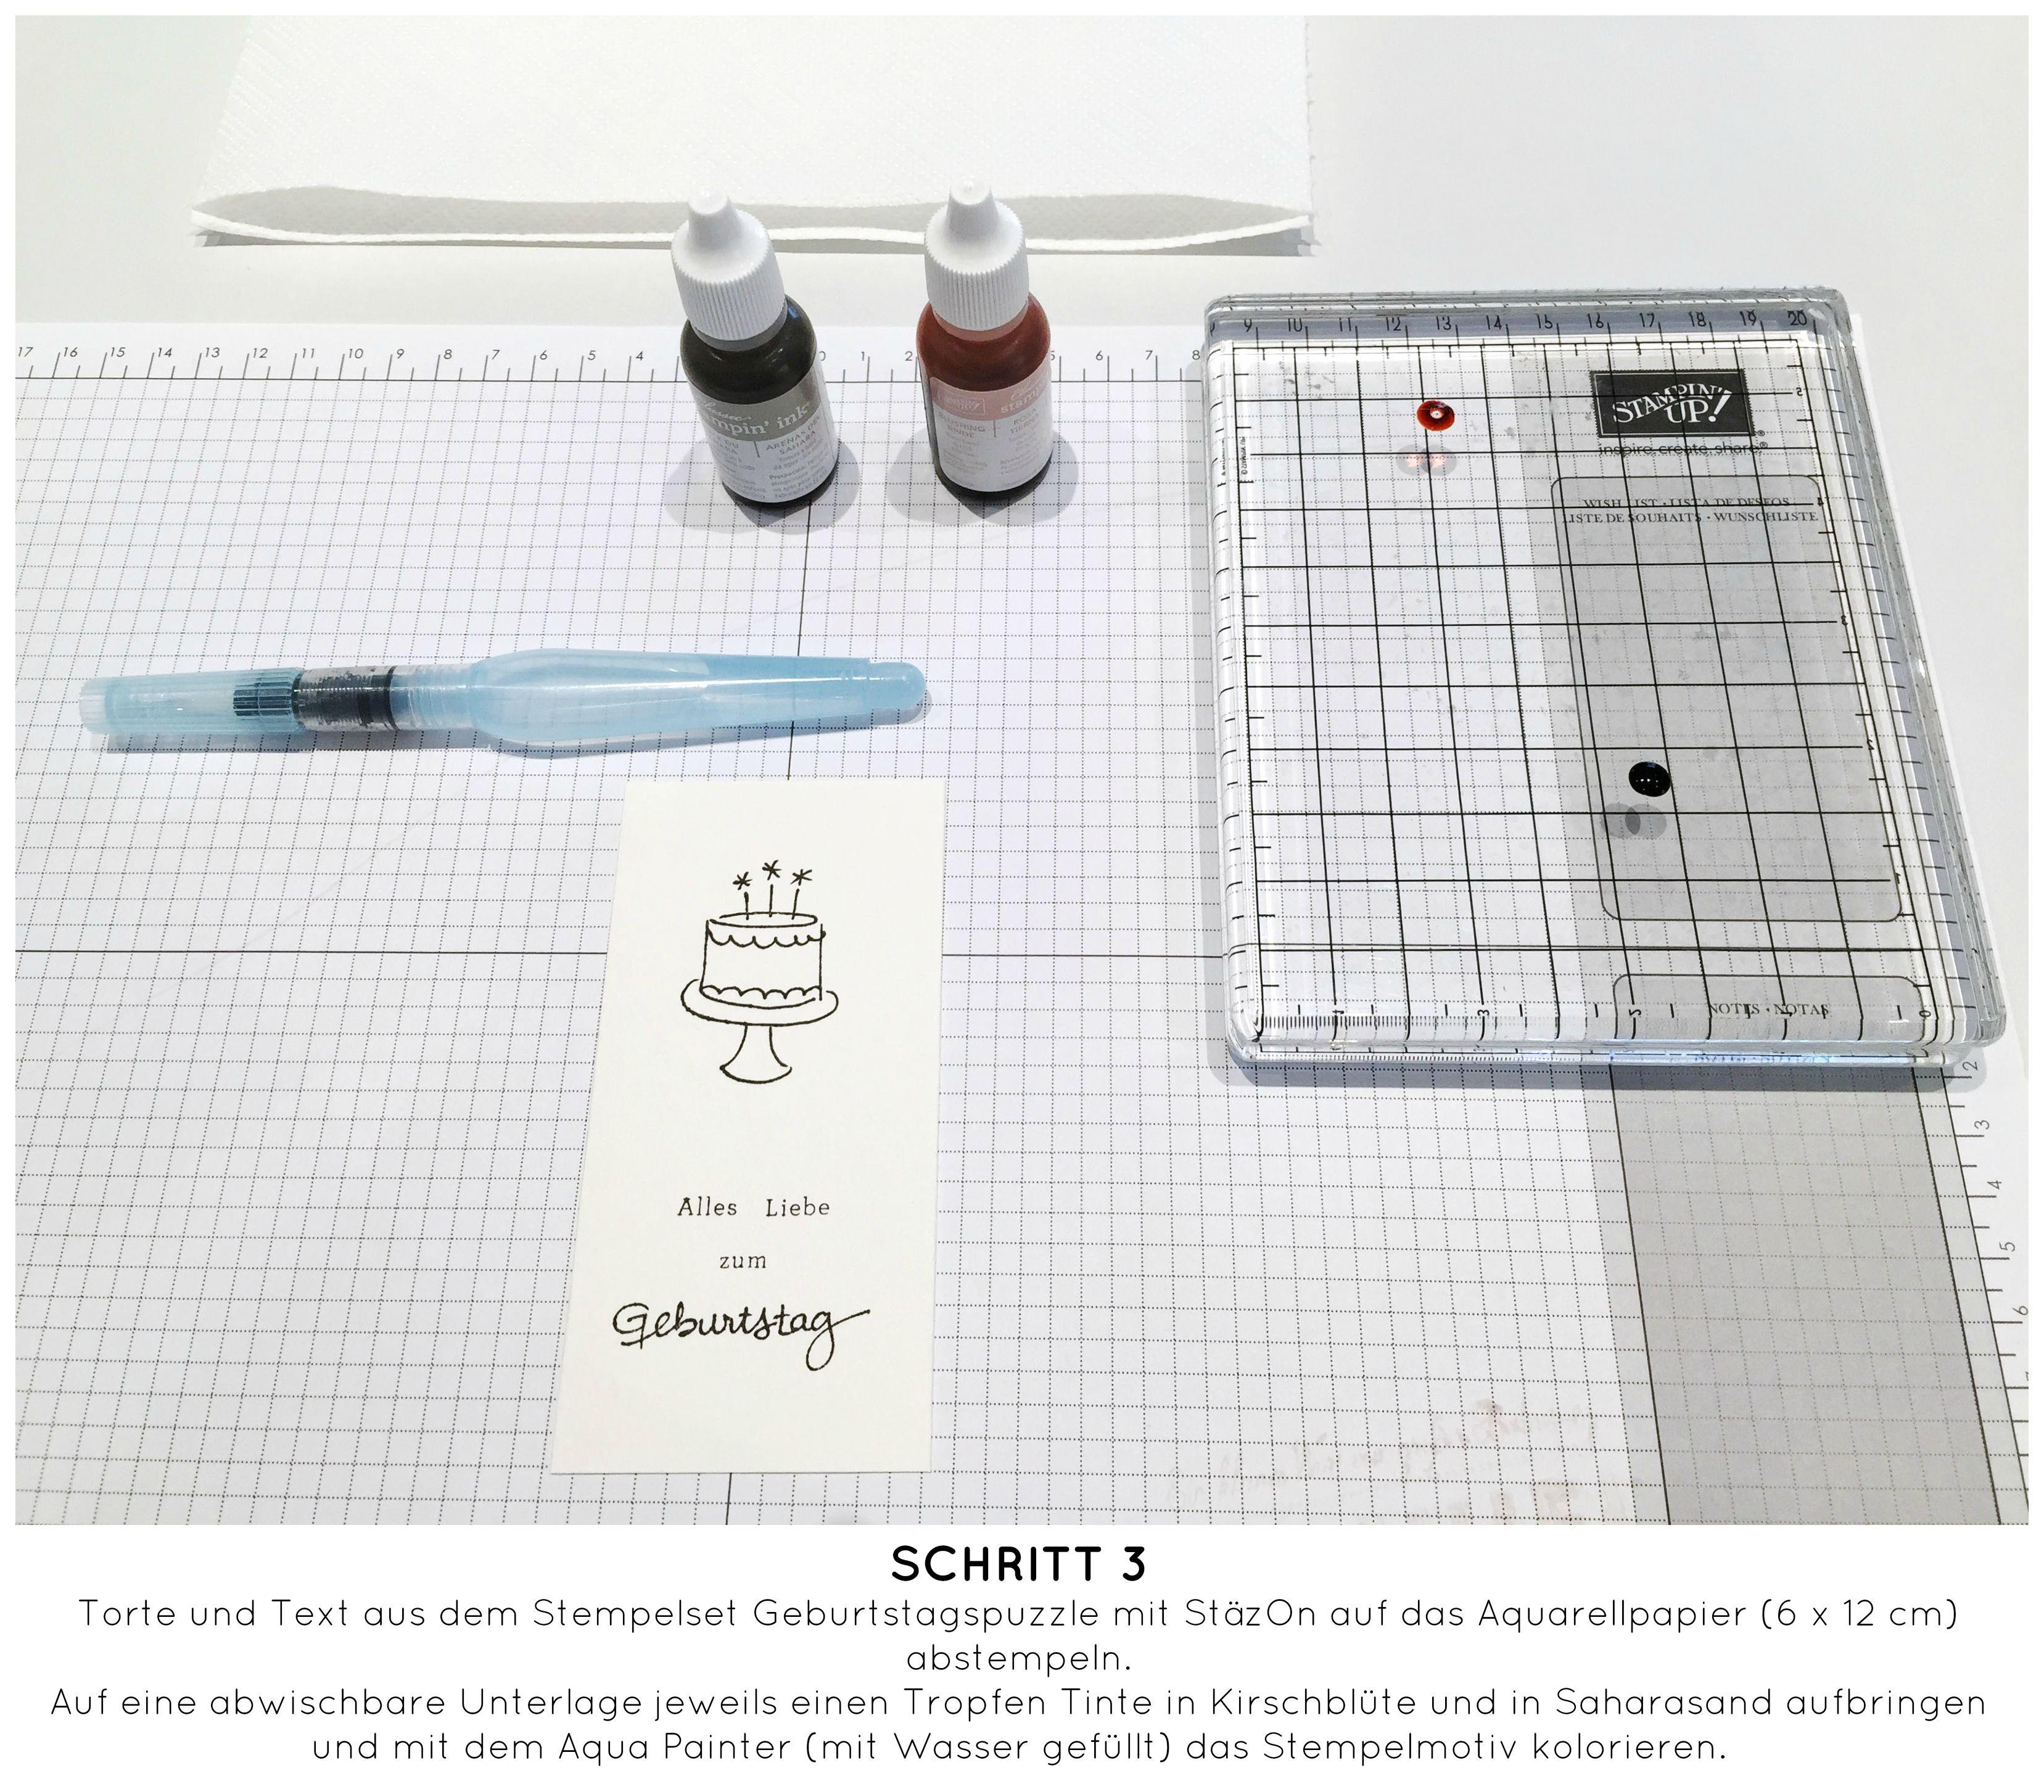 Stampin Up-Stempelherz-Geburtstagskarte-Zeig es am Montag Karte Alles Liebe zum Geburtstag Anleitung - Schritt 03b